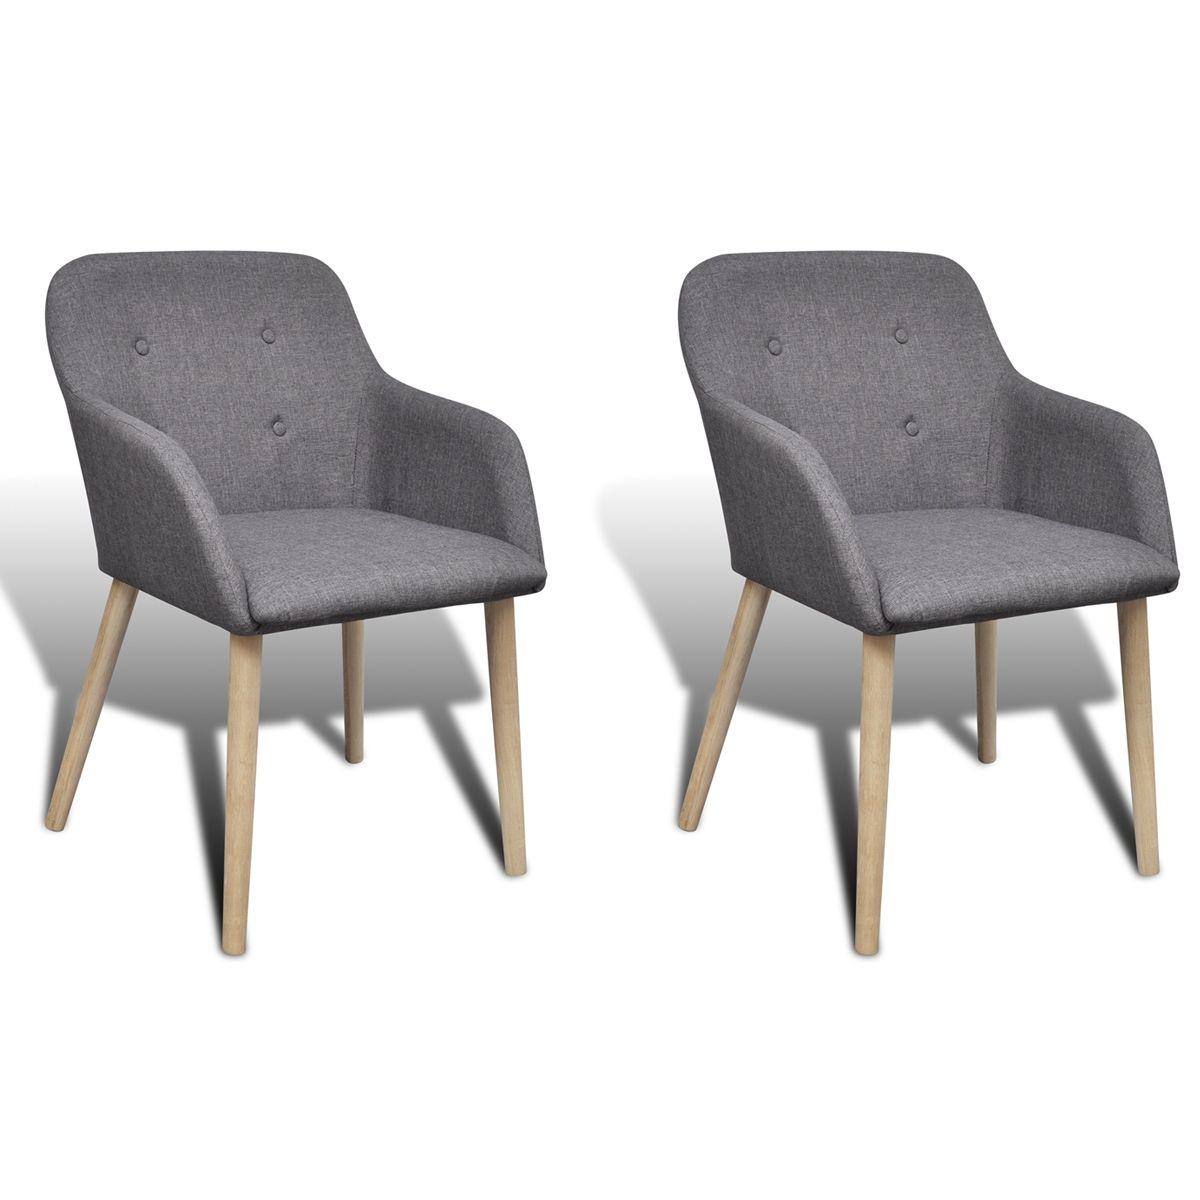 details zu 2/4/6x stühle stuhl stuhlgruppe esszimmerstühle, Esszimmer dekoo